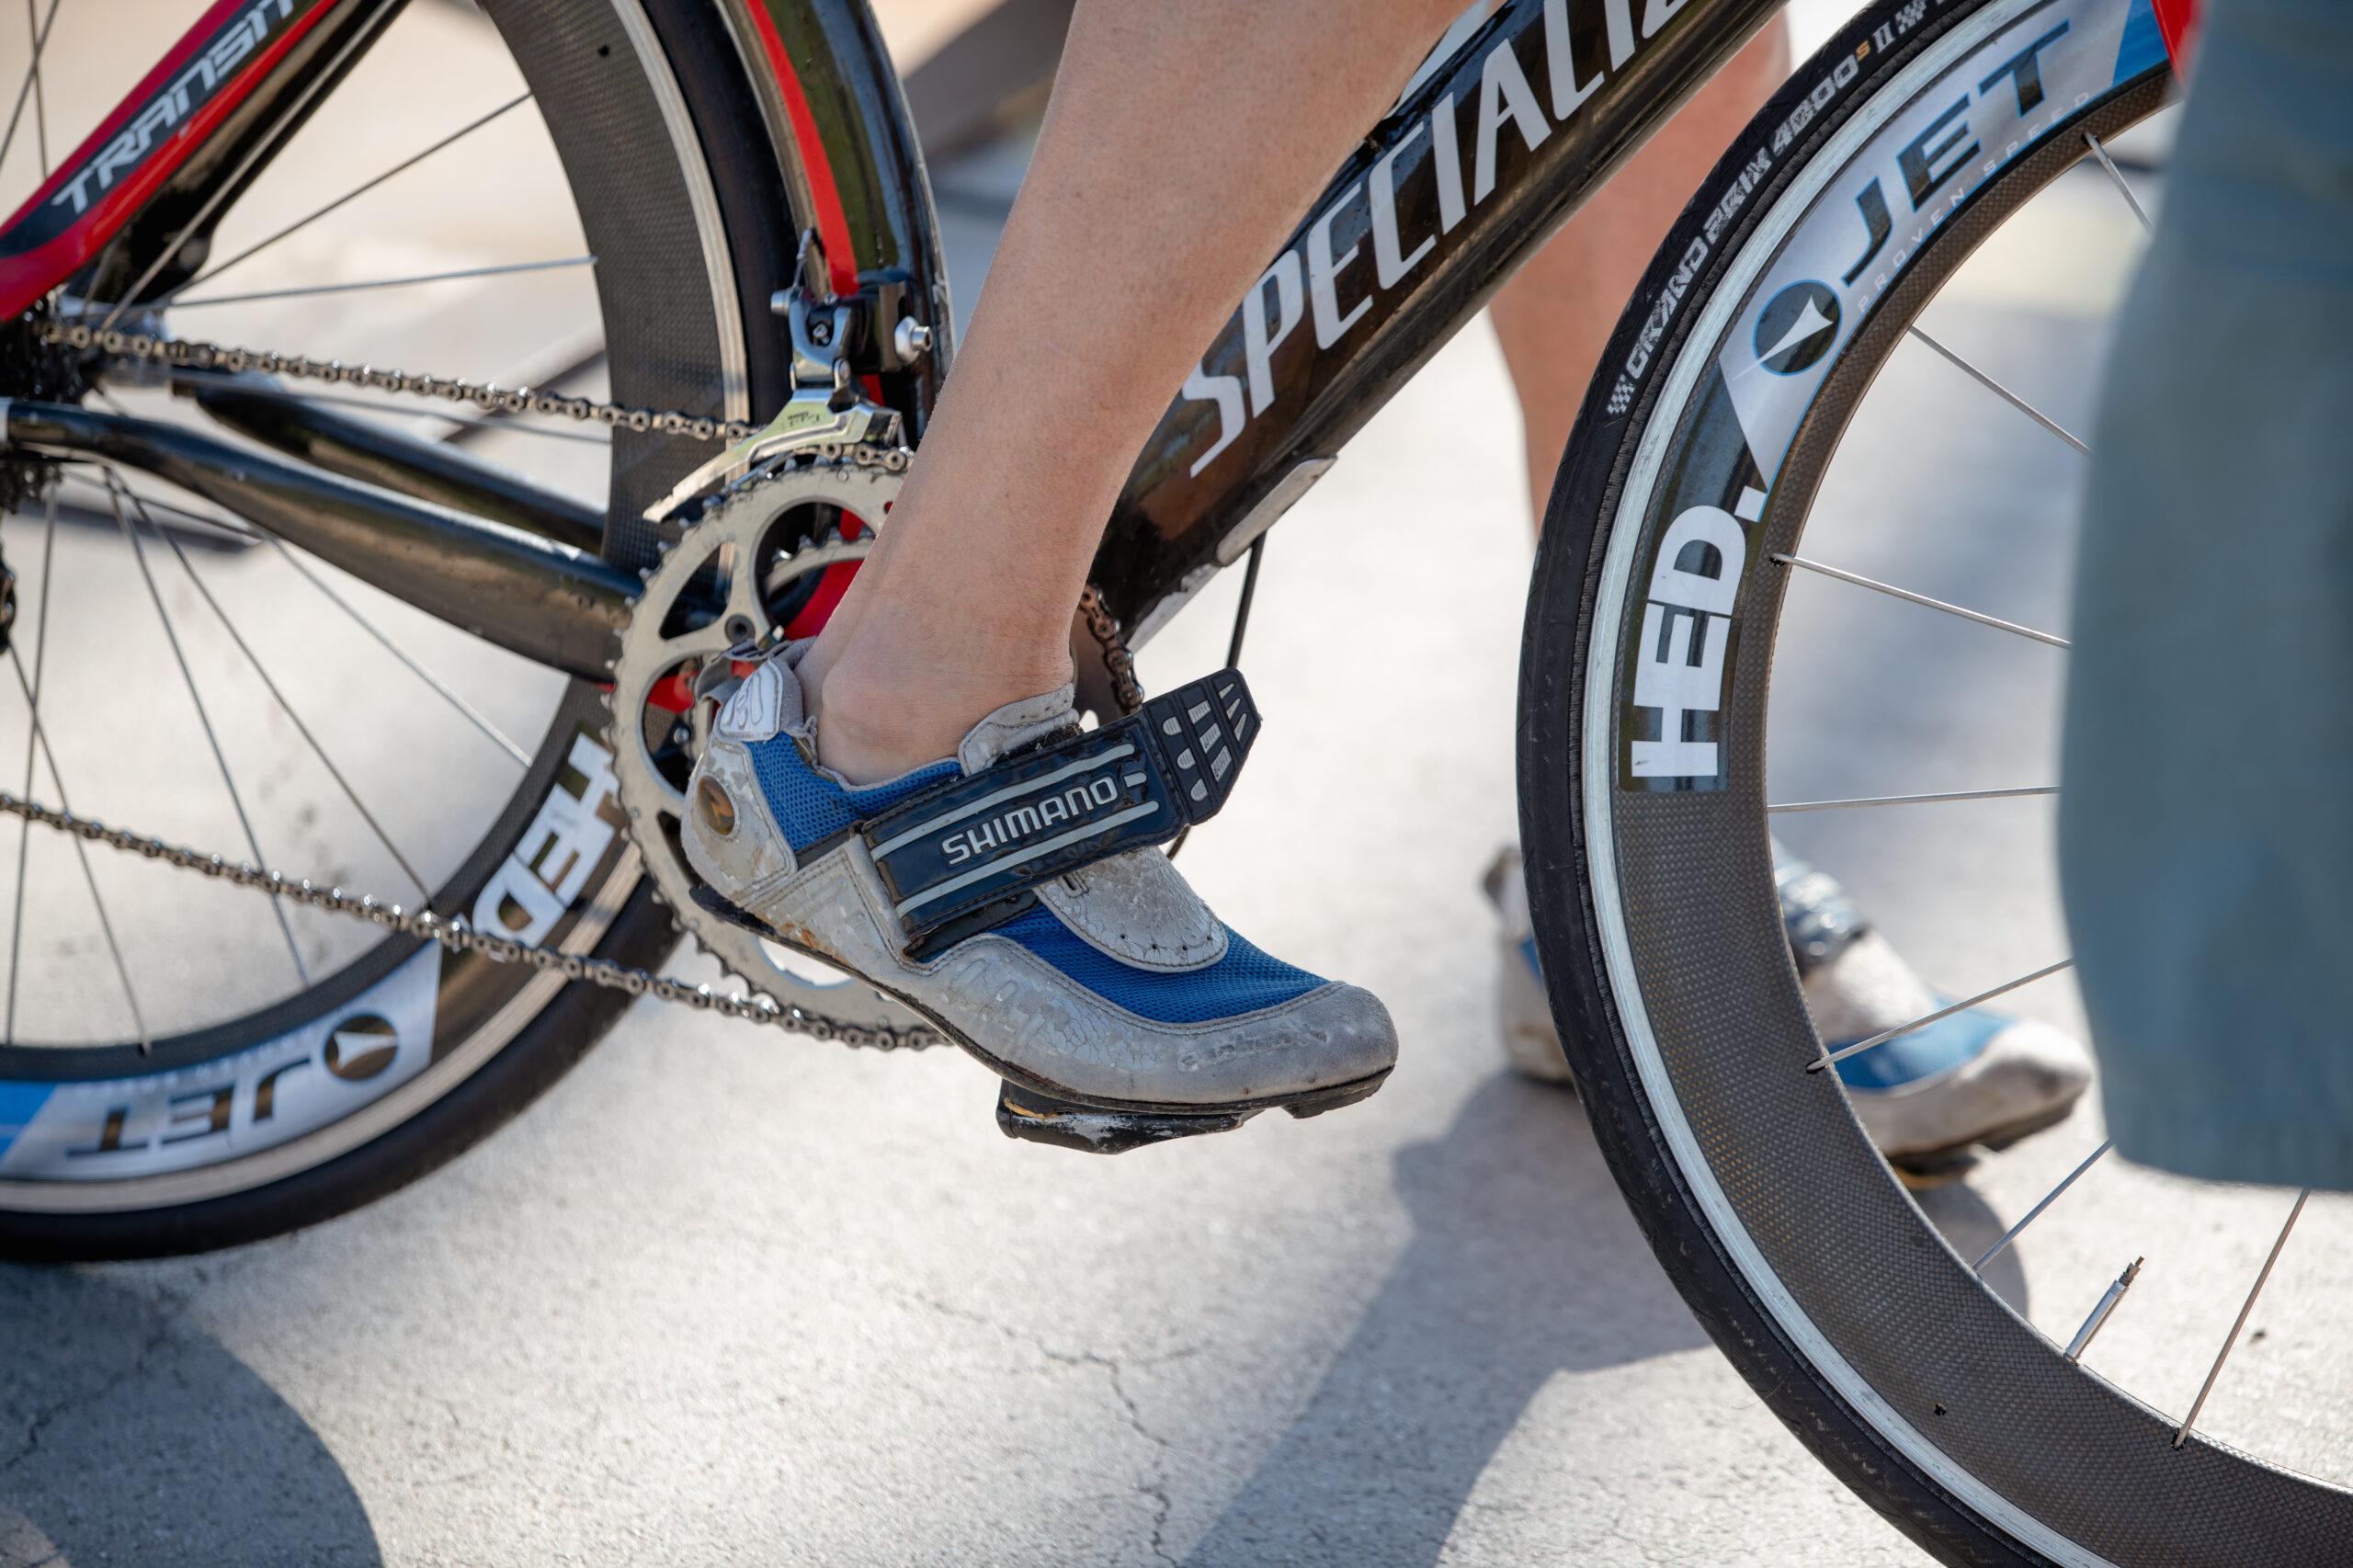 Τραυματισμοί στην ποδηλασία :Γόνατο...η αχίλλειος πτέρνα του ποδηλάτη;